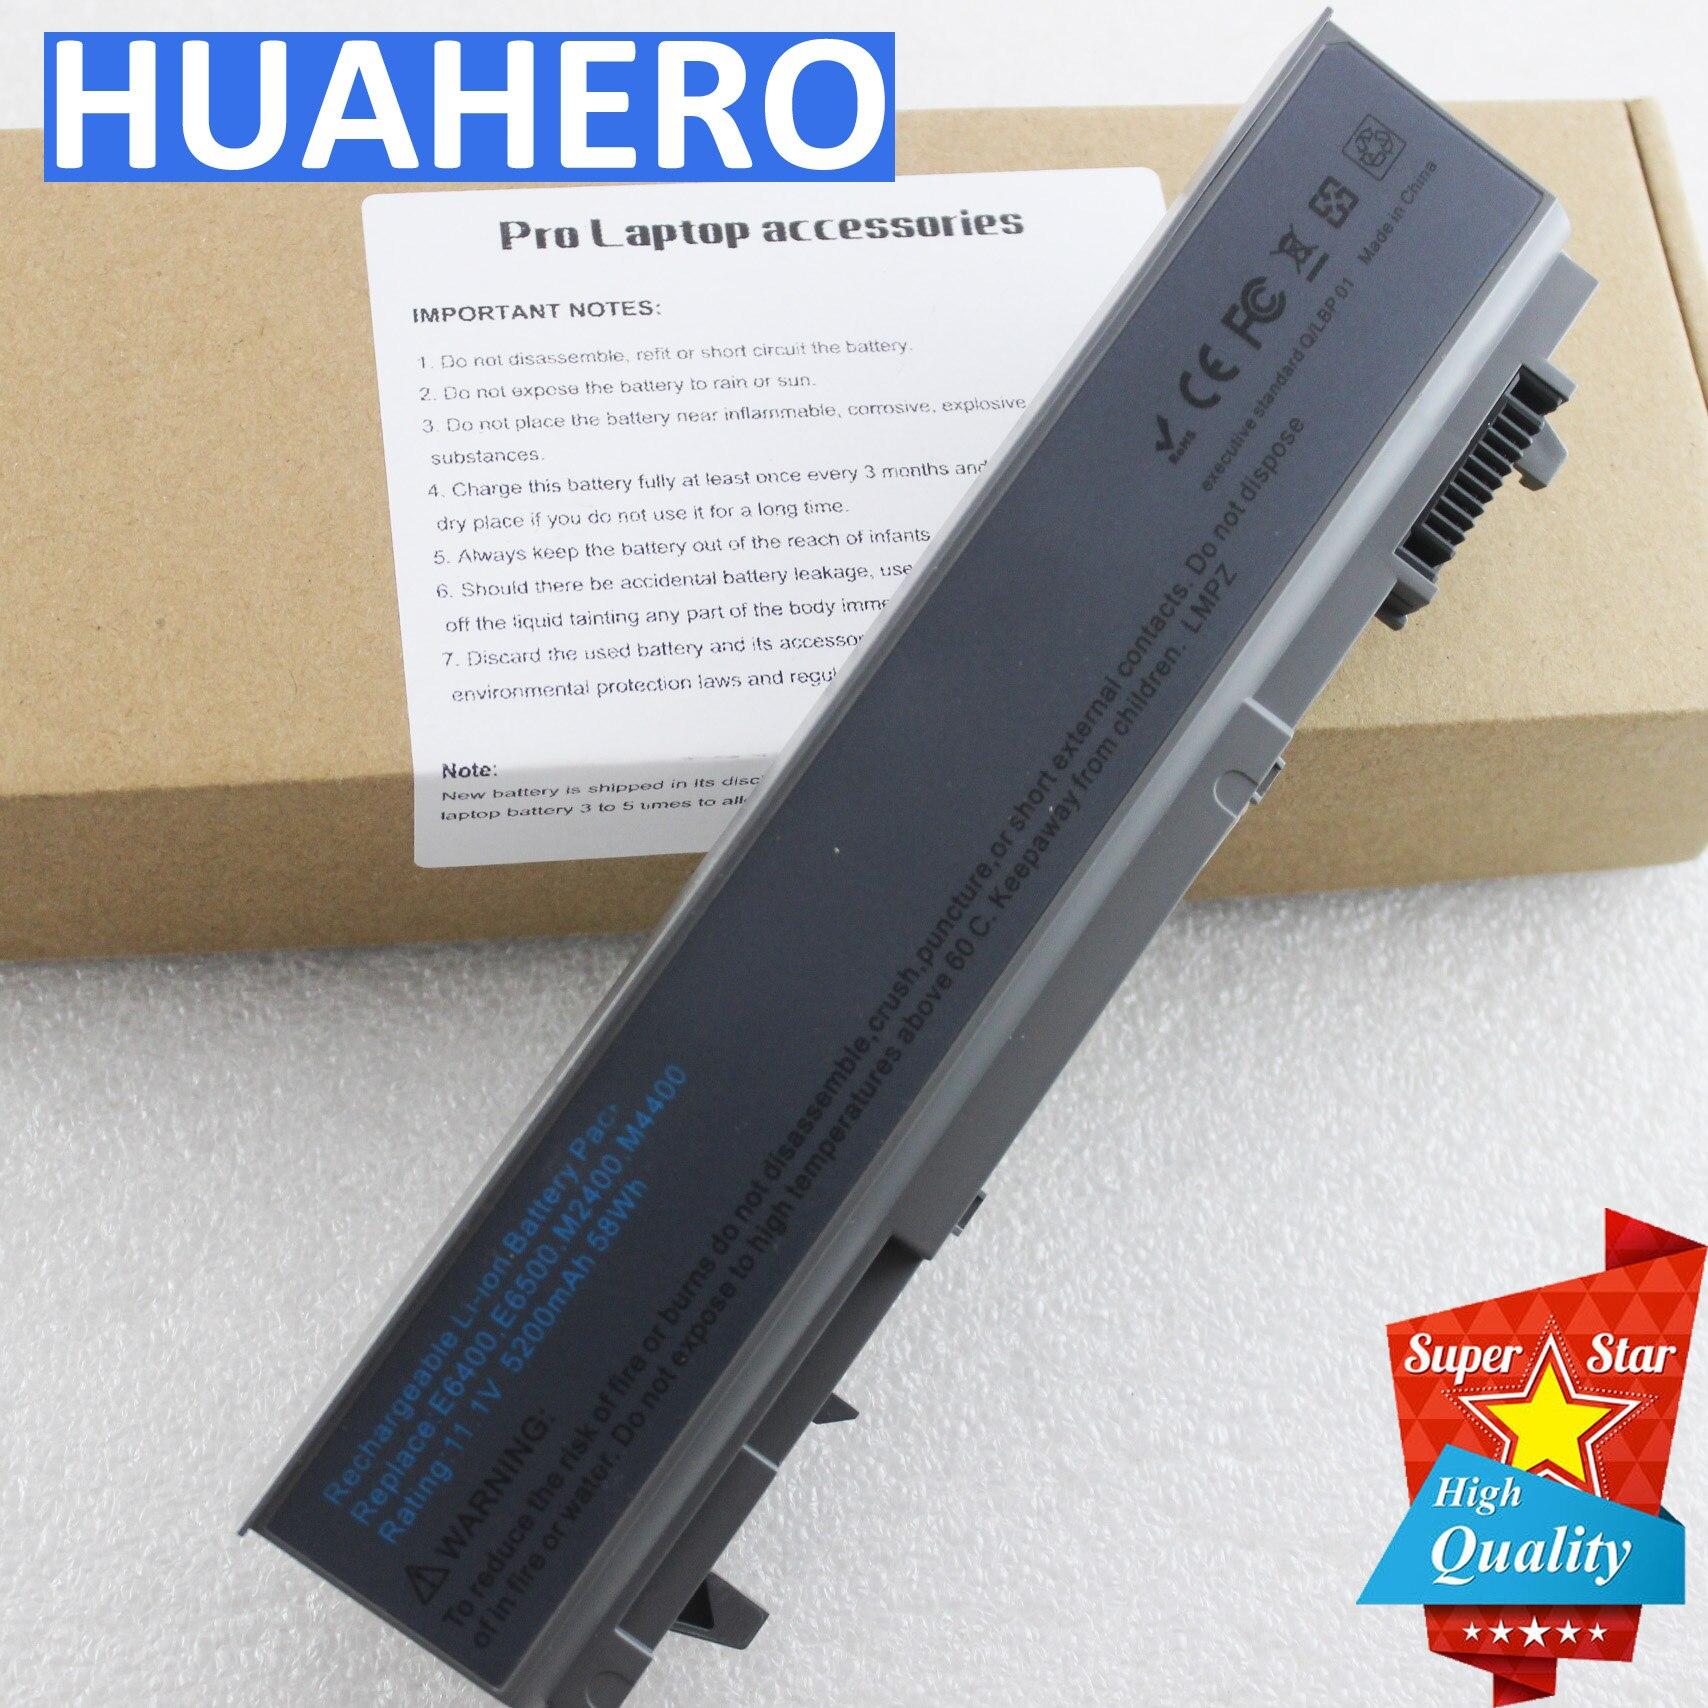 Аккумулятор для ноутбука Dell Latitude E6400 E6410 E6500 E6510 KY477 PT434 W1193 U844G 312-0748 312-0754 312-0917 451-10583 FU268 PC